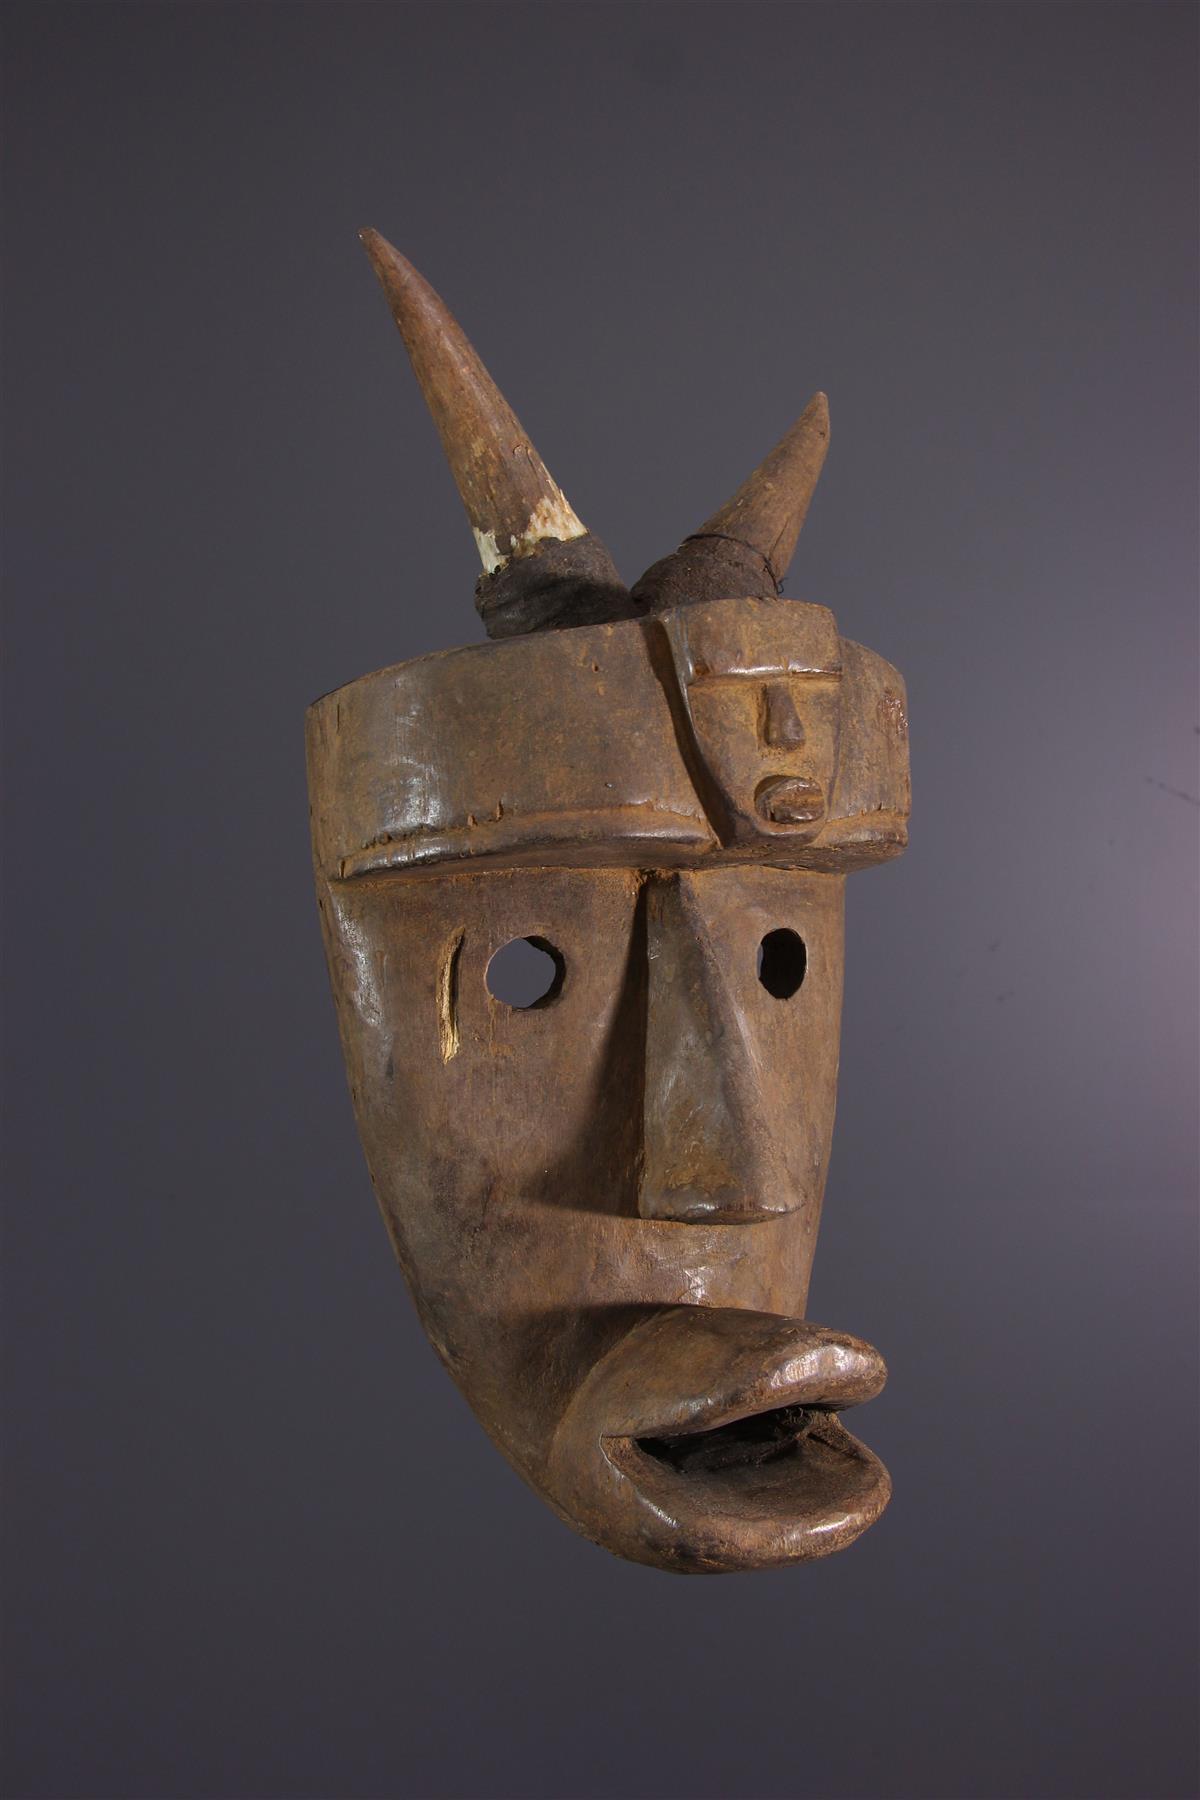 Toma masker - Afrikaanse kunst